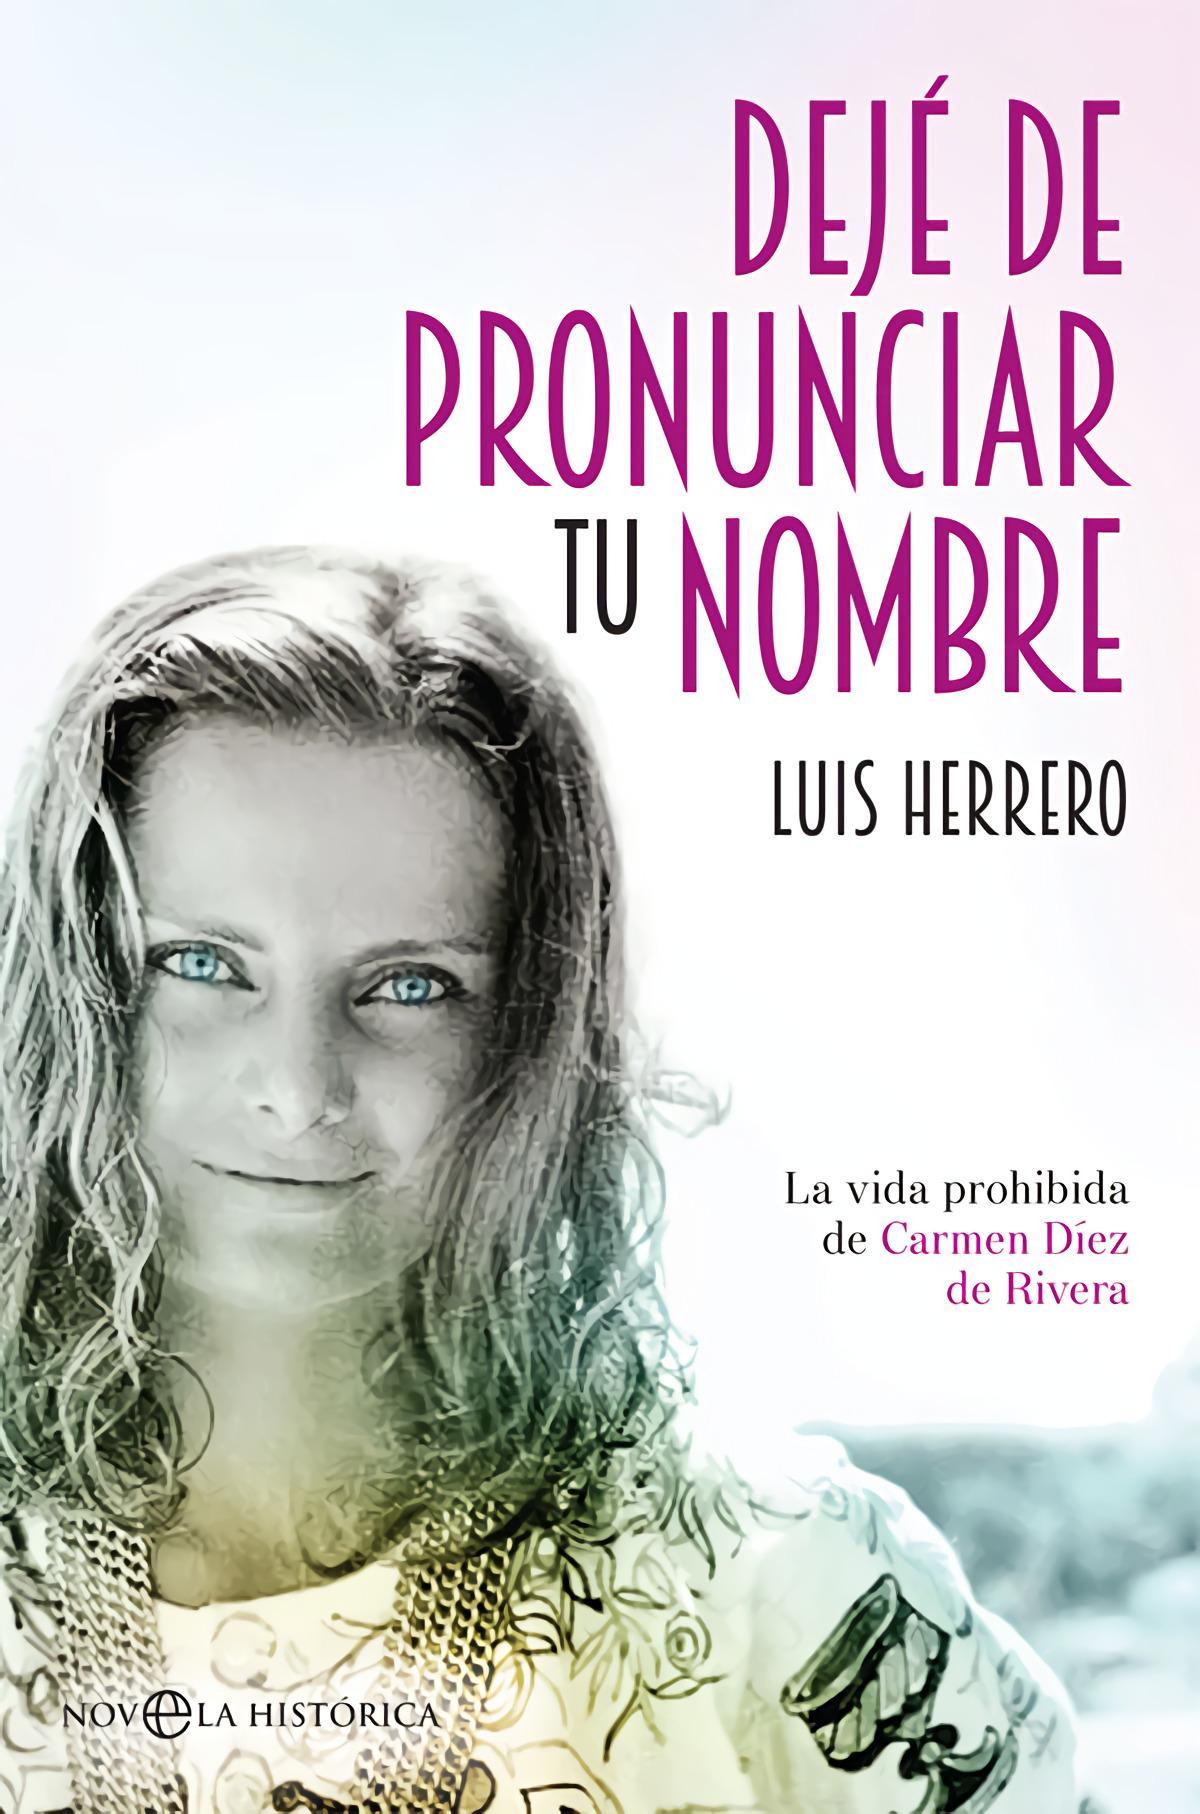 9788491641001 - Herrero, Luis: Deje de pronunciar tu nombre - Libro